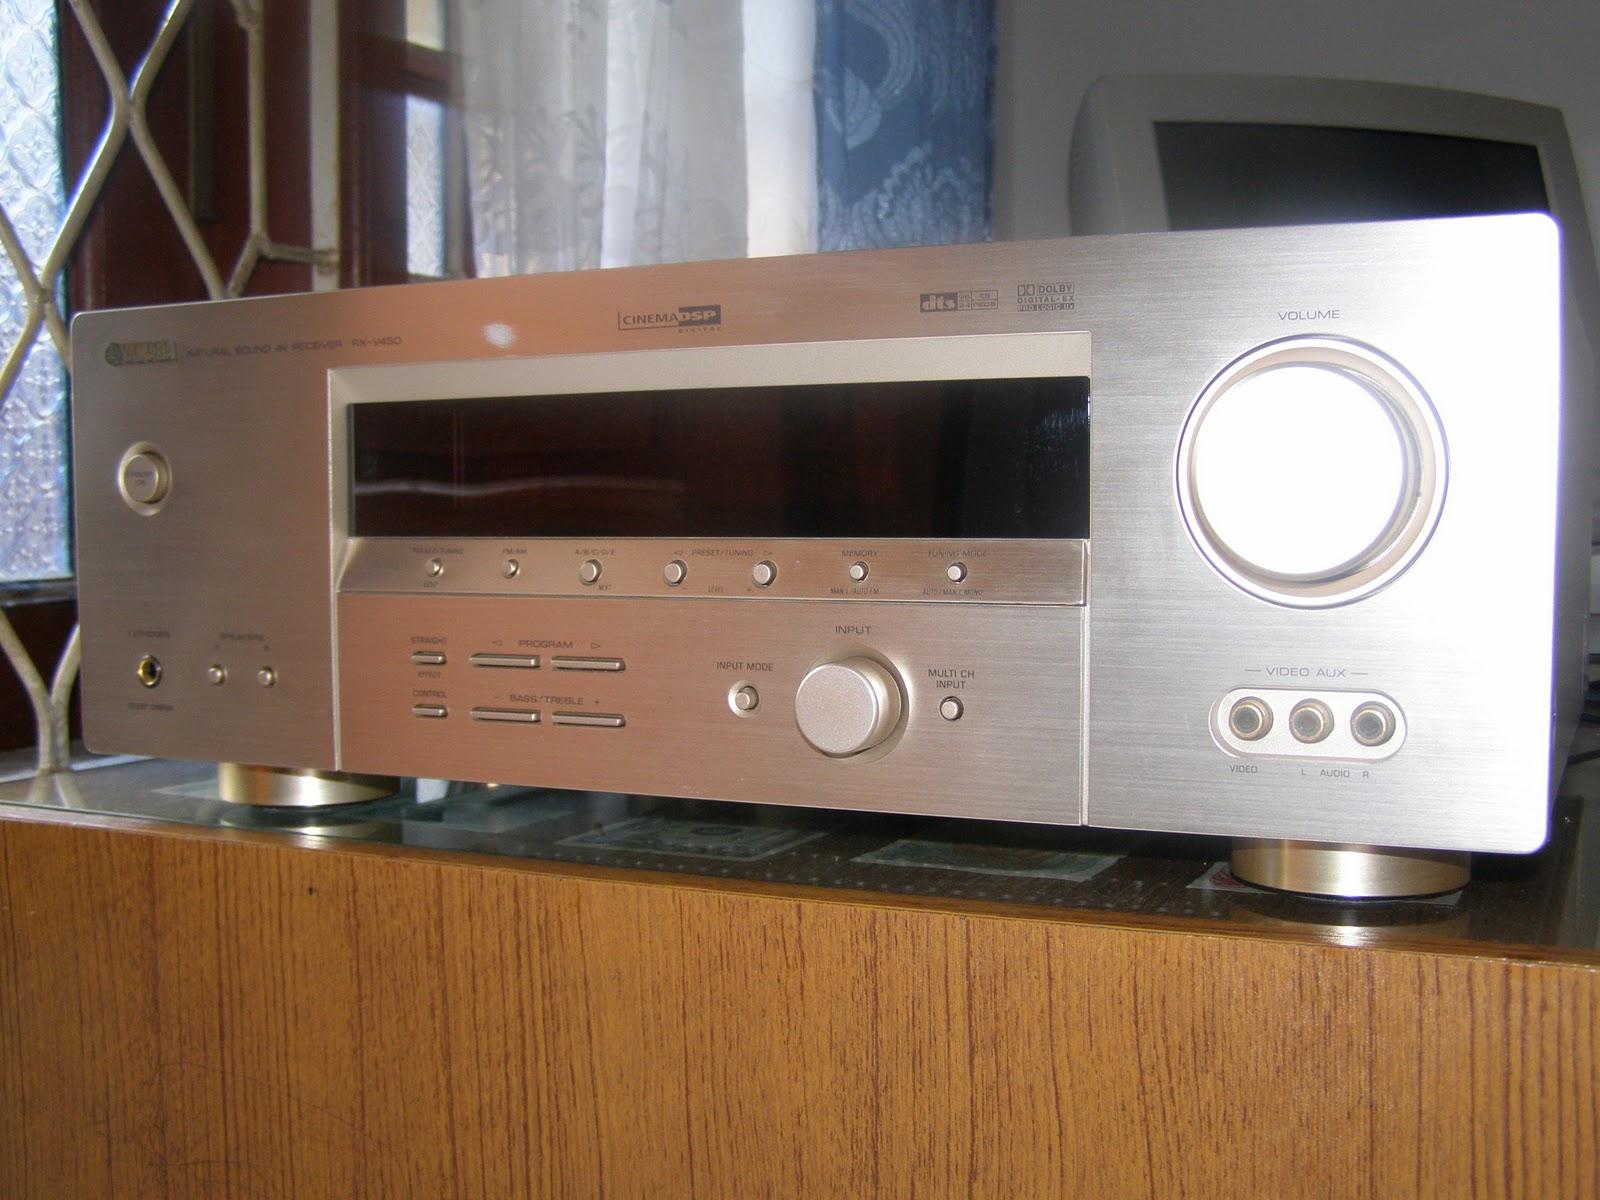 Lentera akustika yamaha rx v450 av receiver for Yamaha rx v450 av receiver price